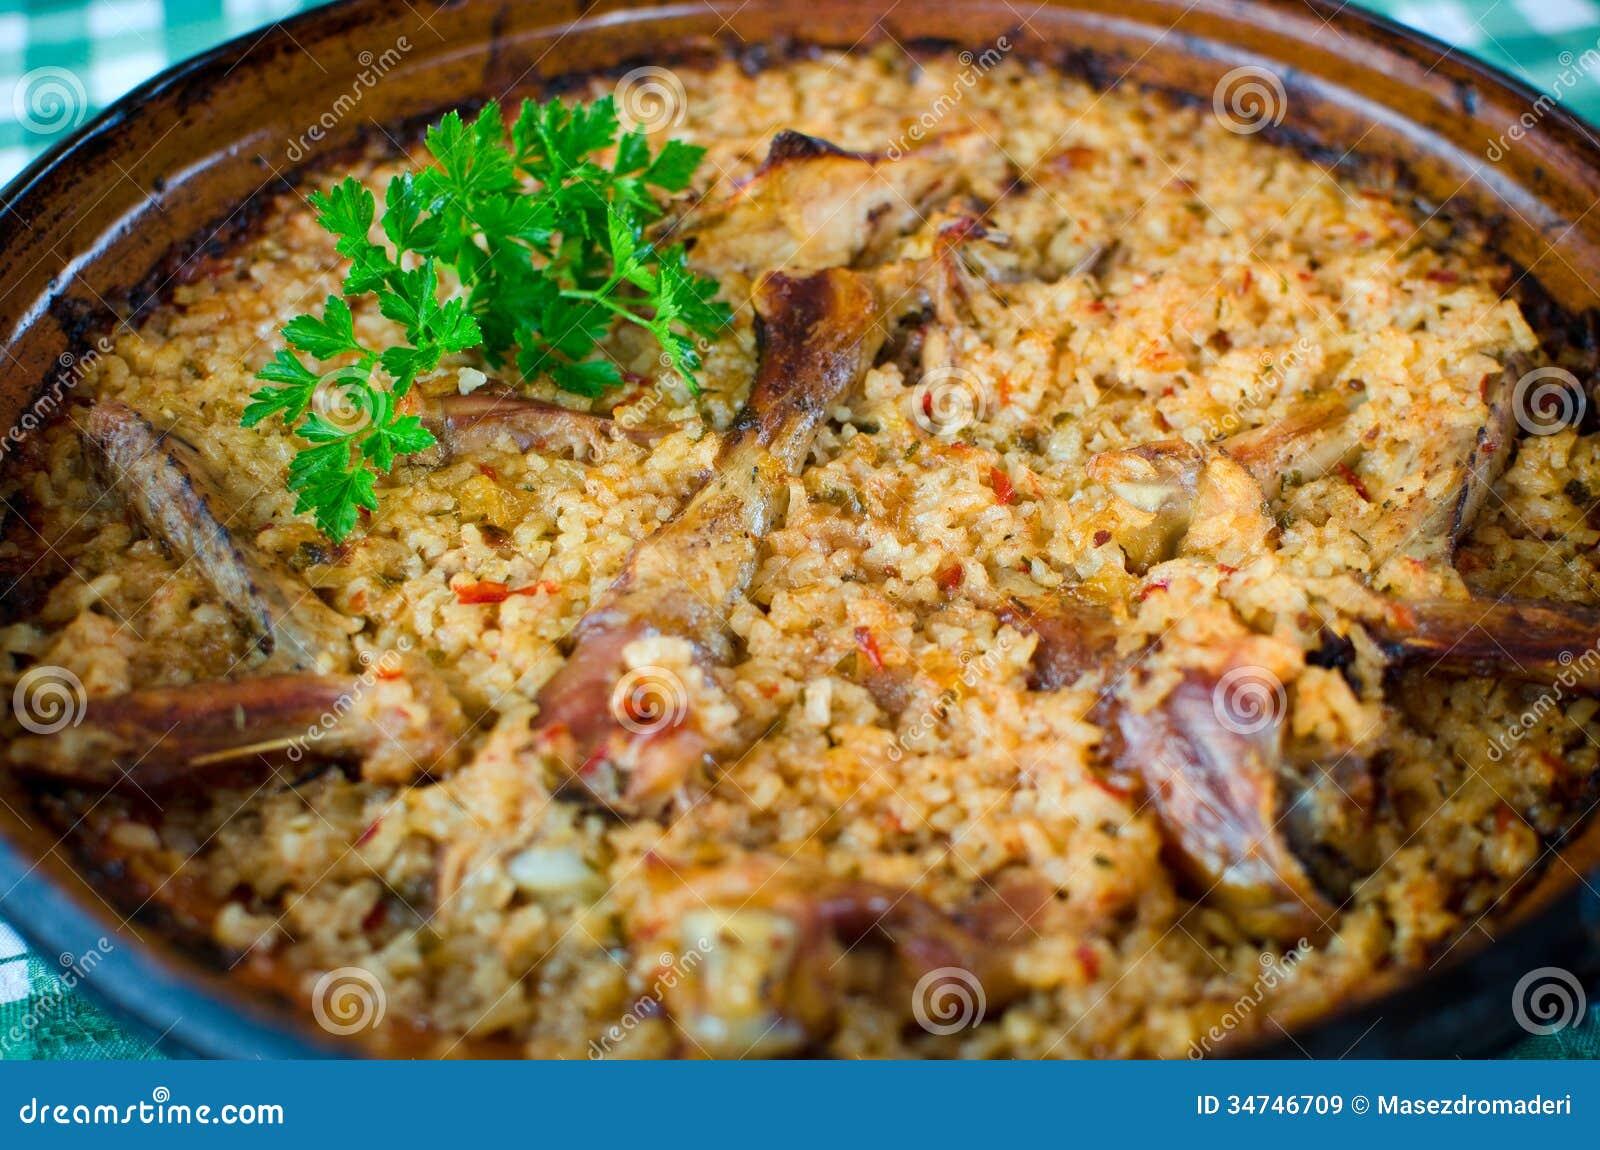 Image result for Receita de Pilau.